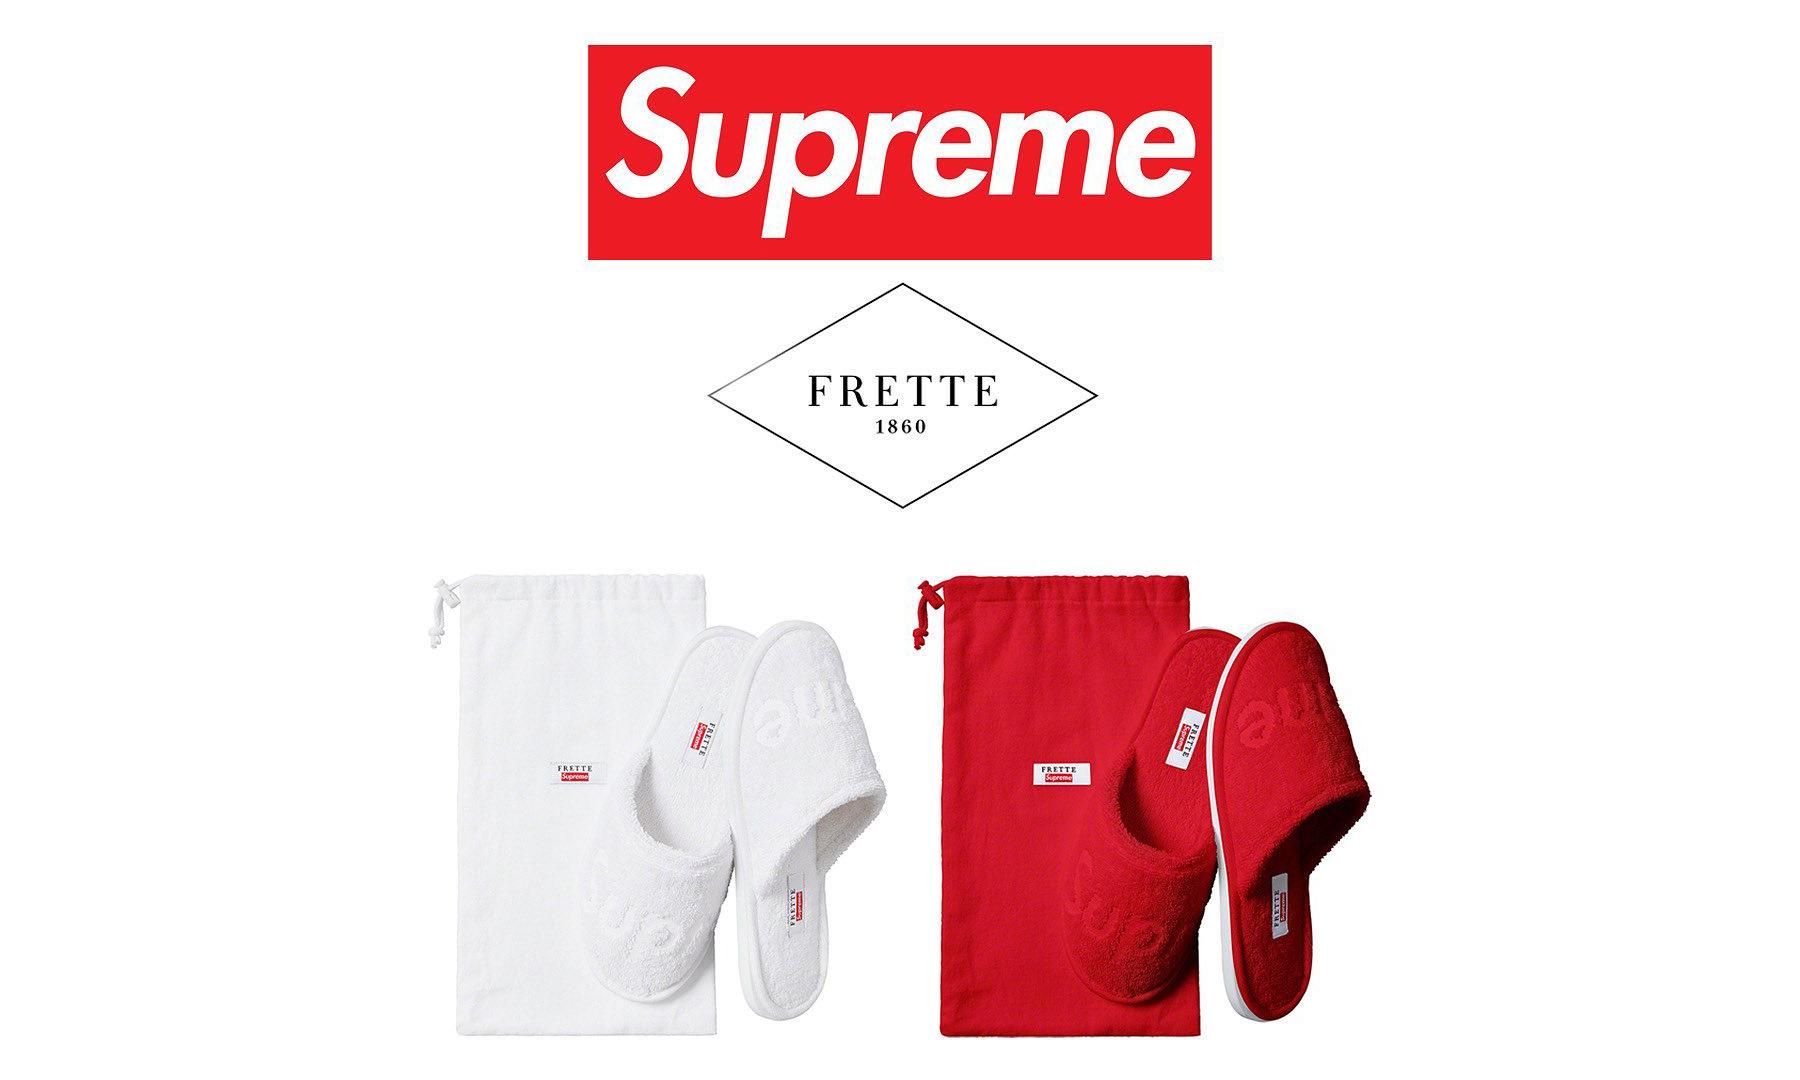 Supreme x Frette 酒店拖鞋将在本周发售